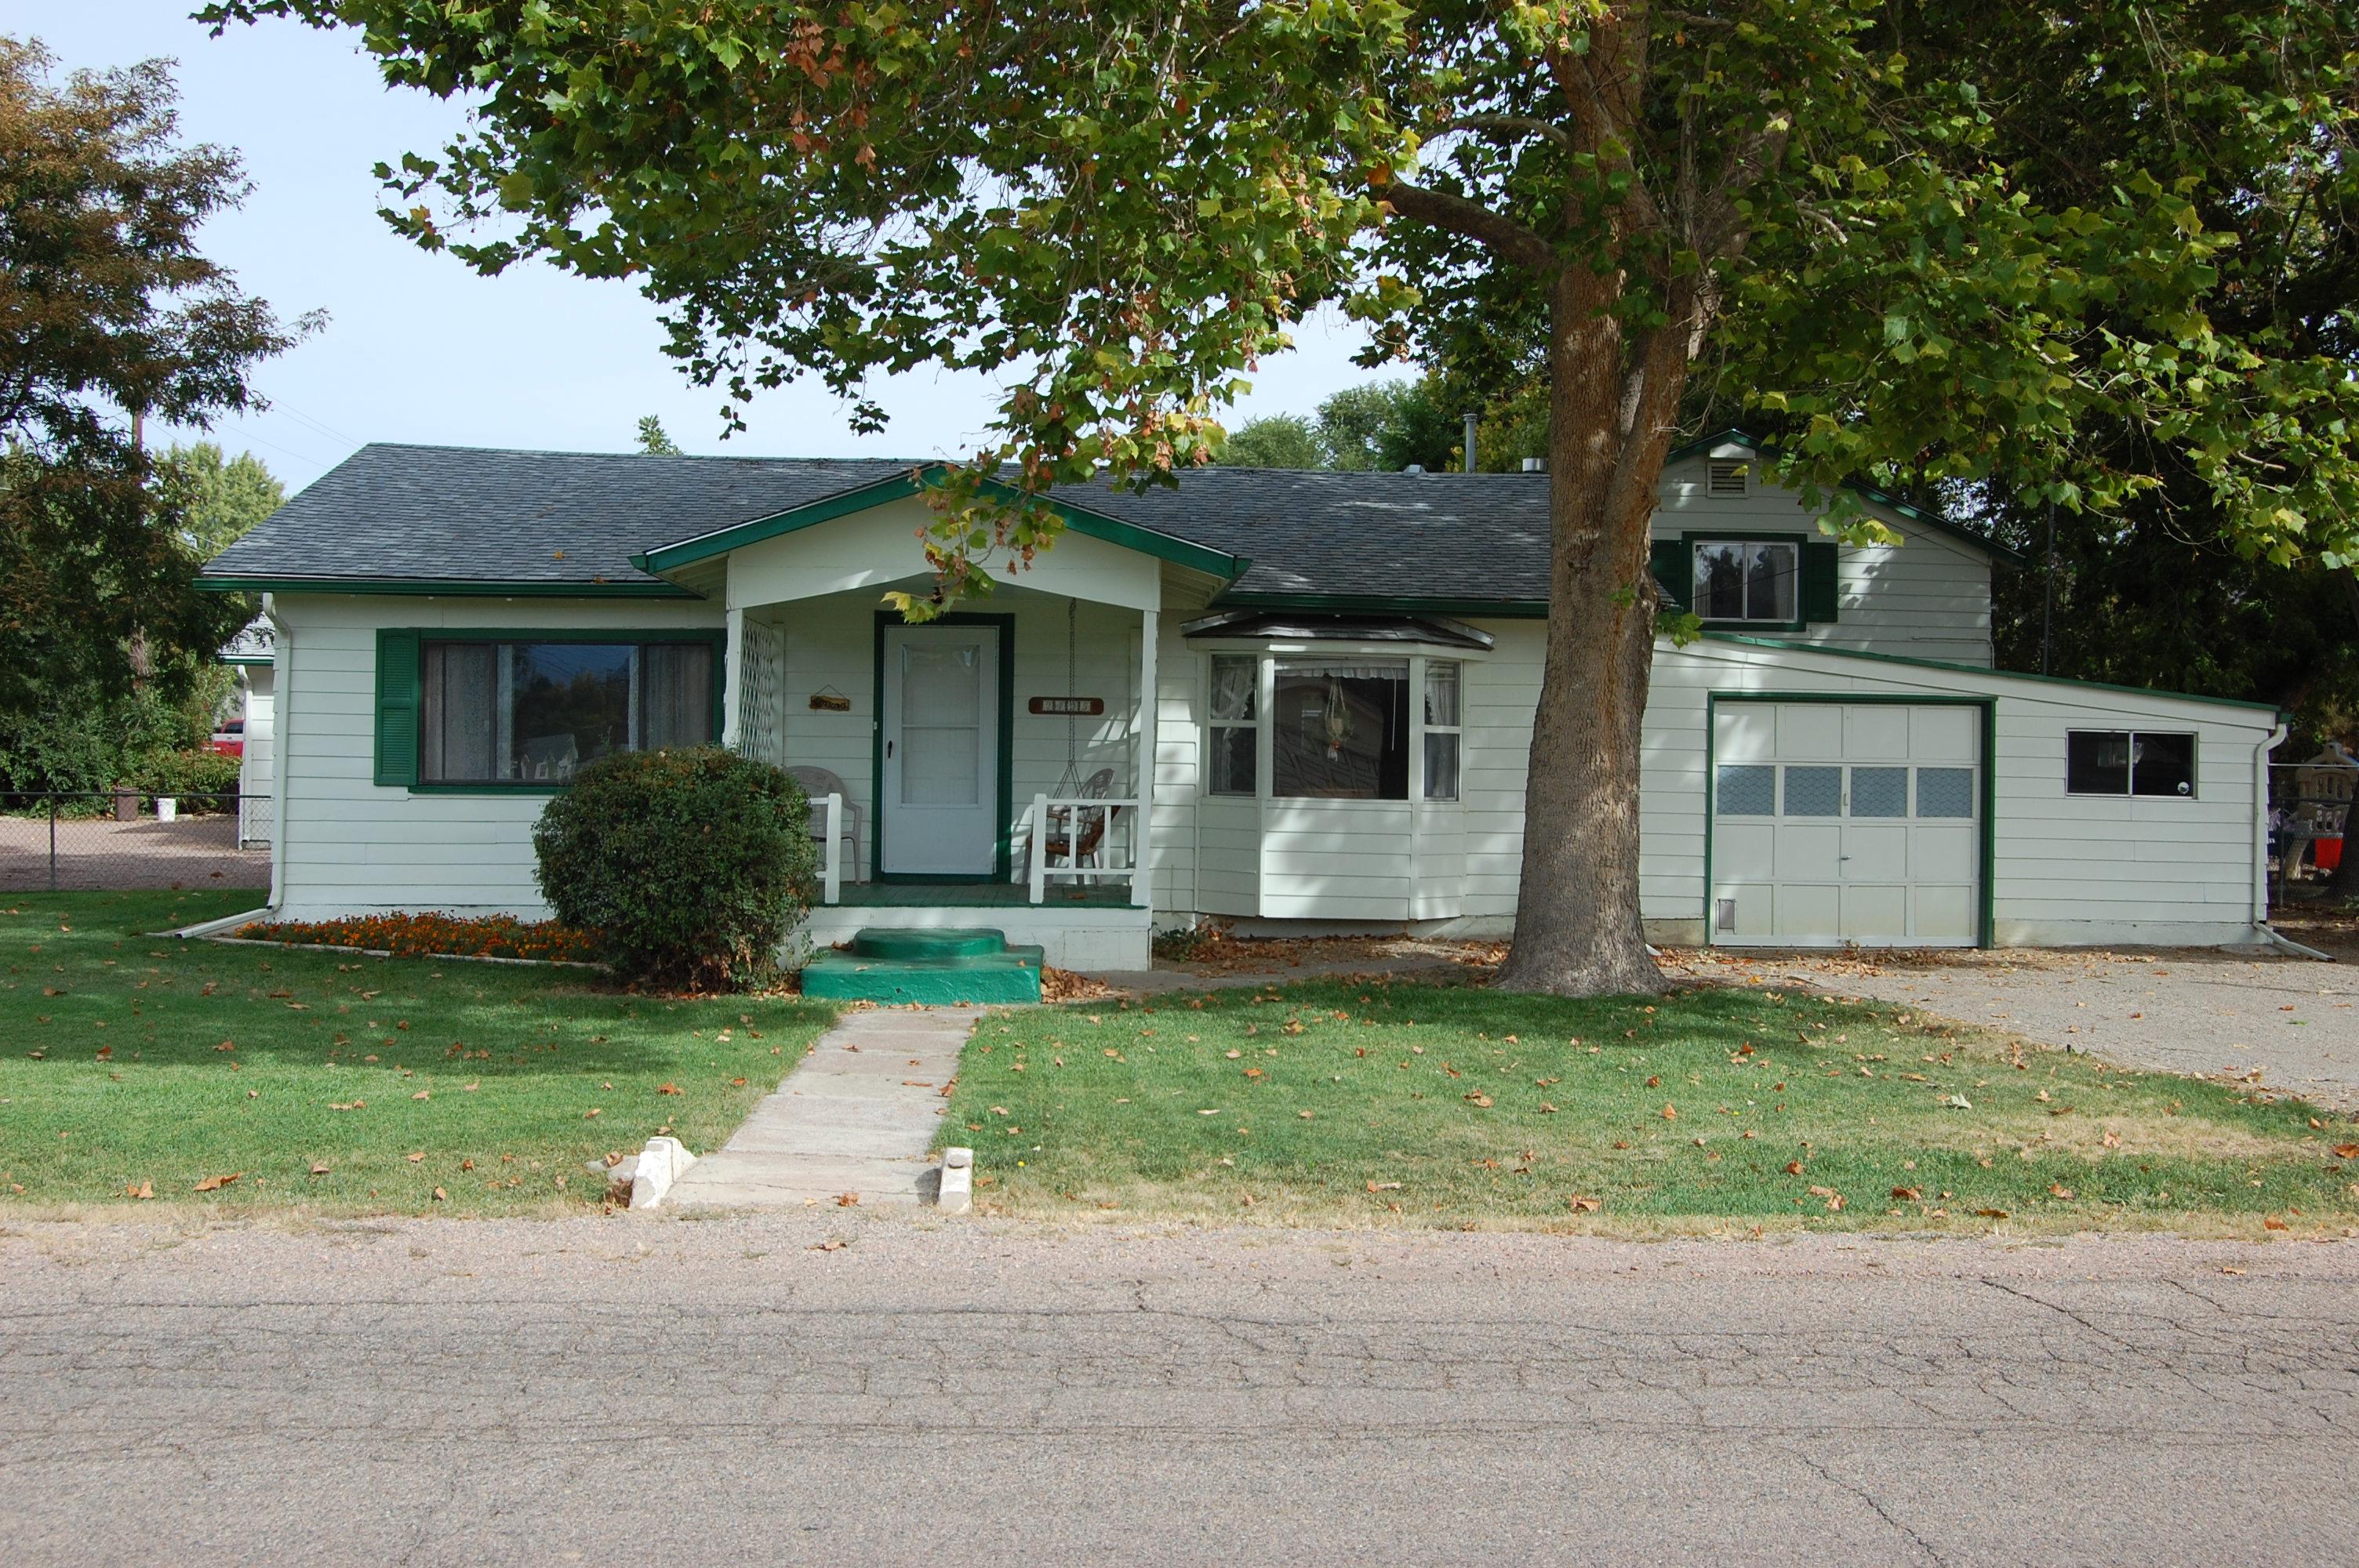 2405 Cherry Street, Canon City, Colorado 81212